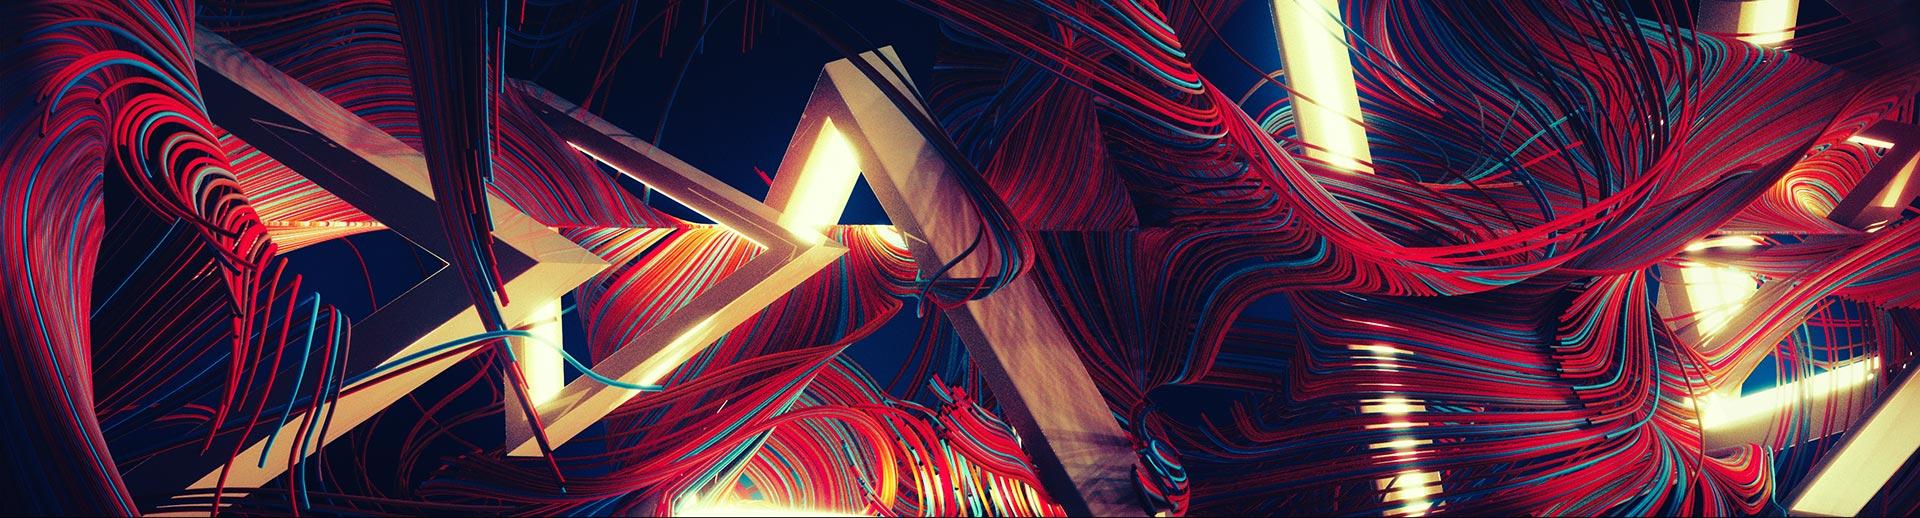 Filament_Wide_001